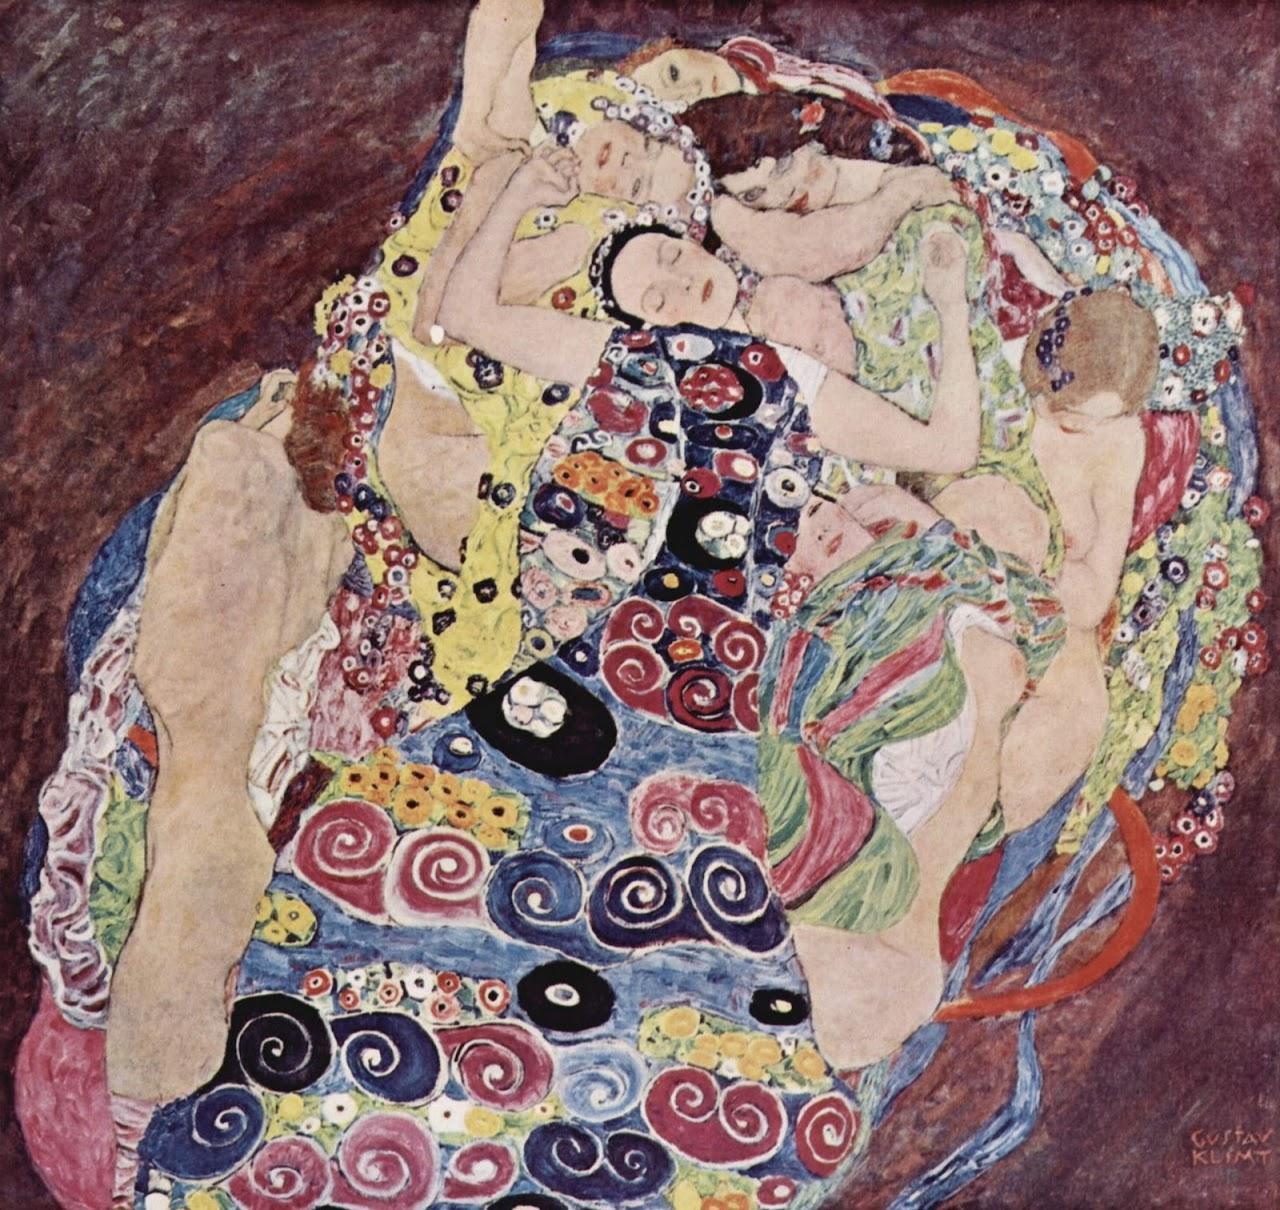 http://2.bp.blogspot.com/-mJqy2FLtqPE/TZUwIPu0NCI/AAAAAAAAB64/YmKSgxpzkcc/s1280/Gustav_Klimt_02.jpg